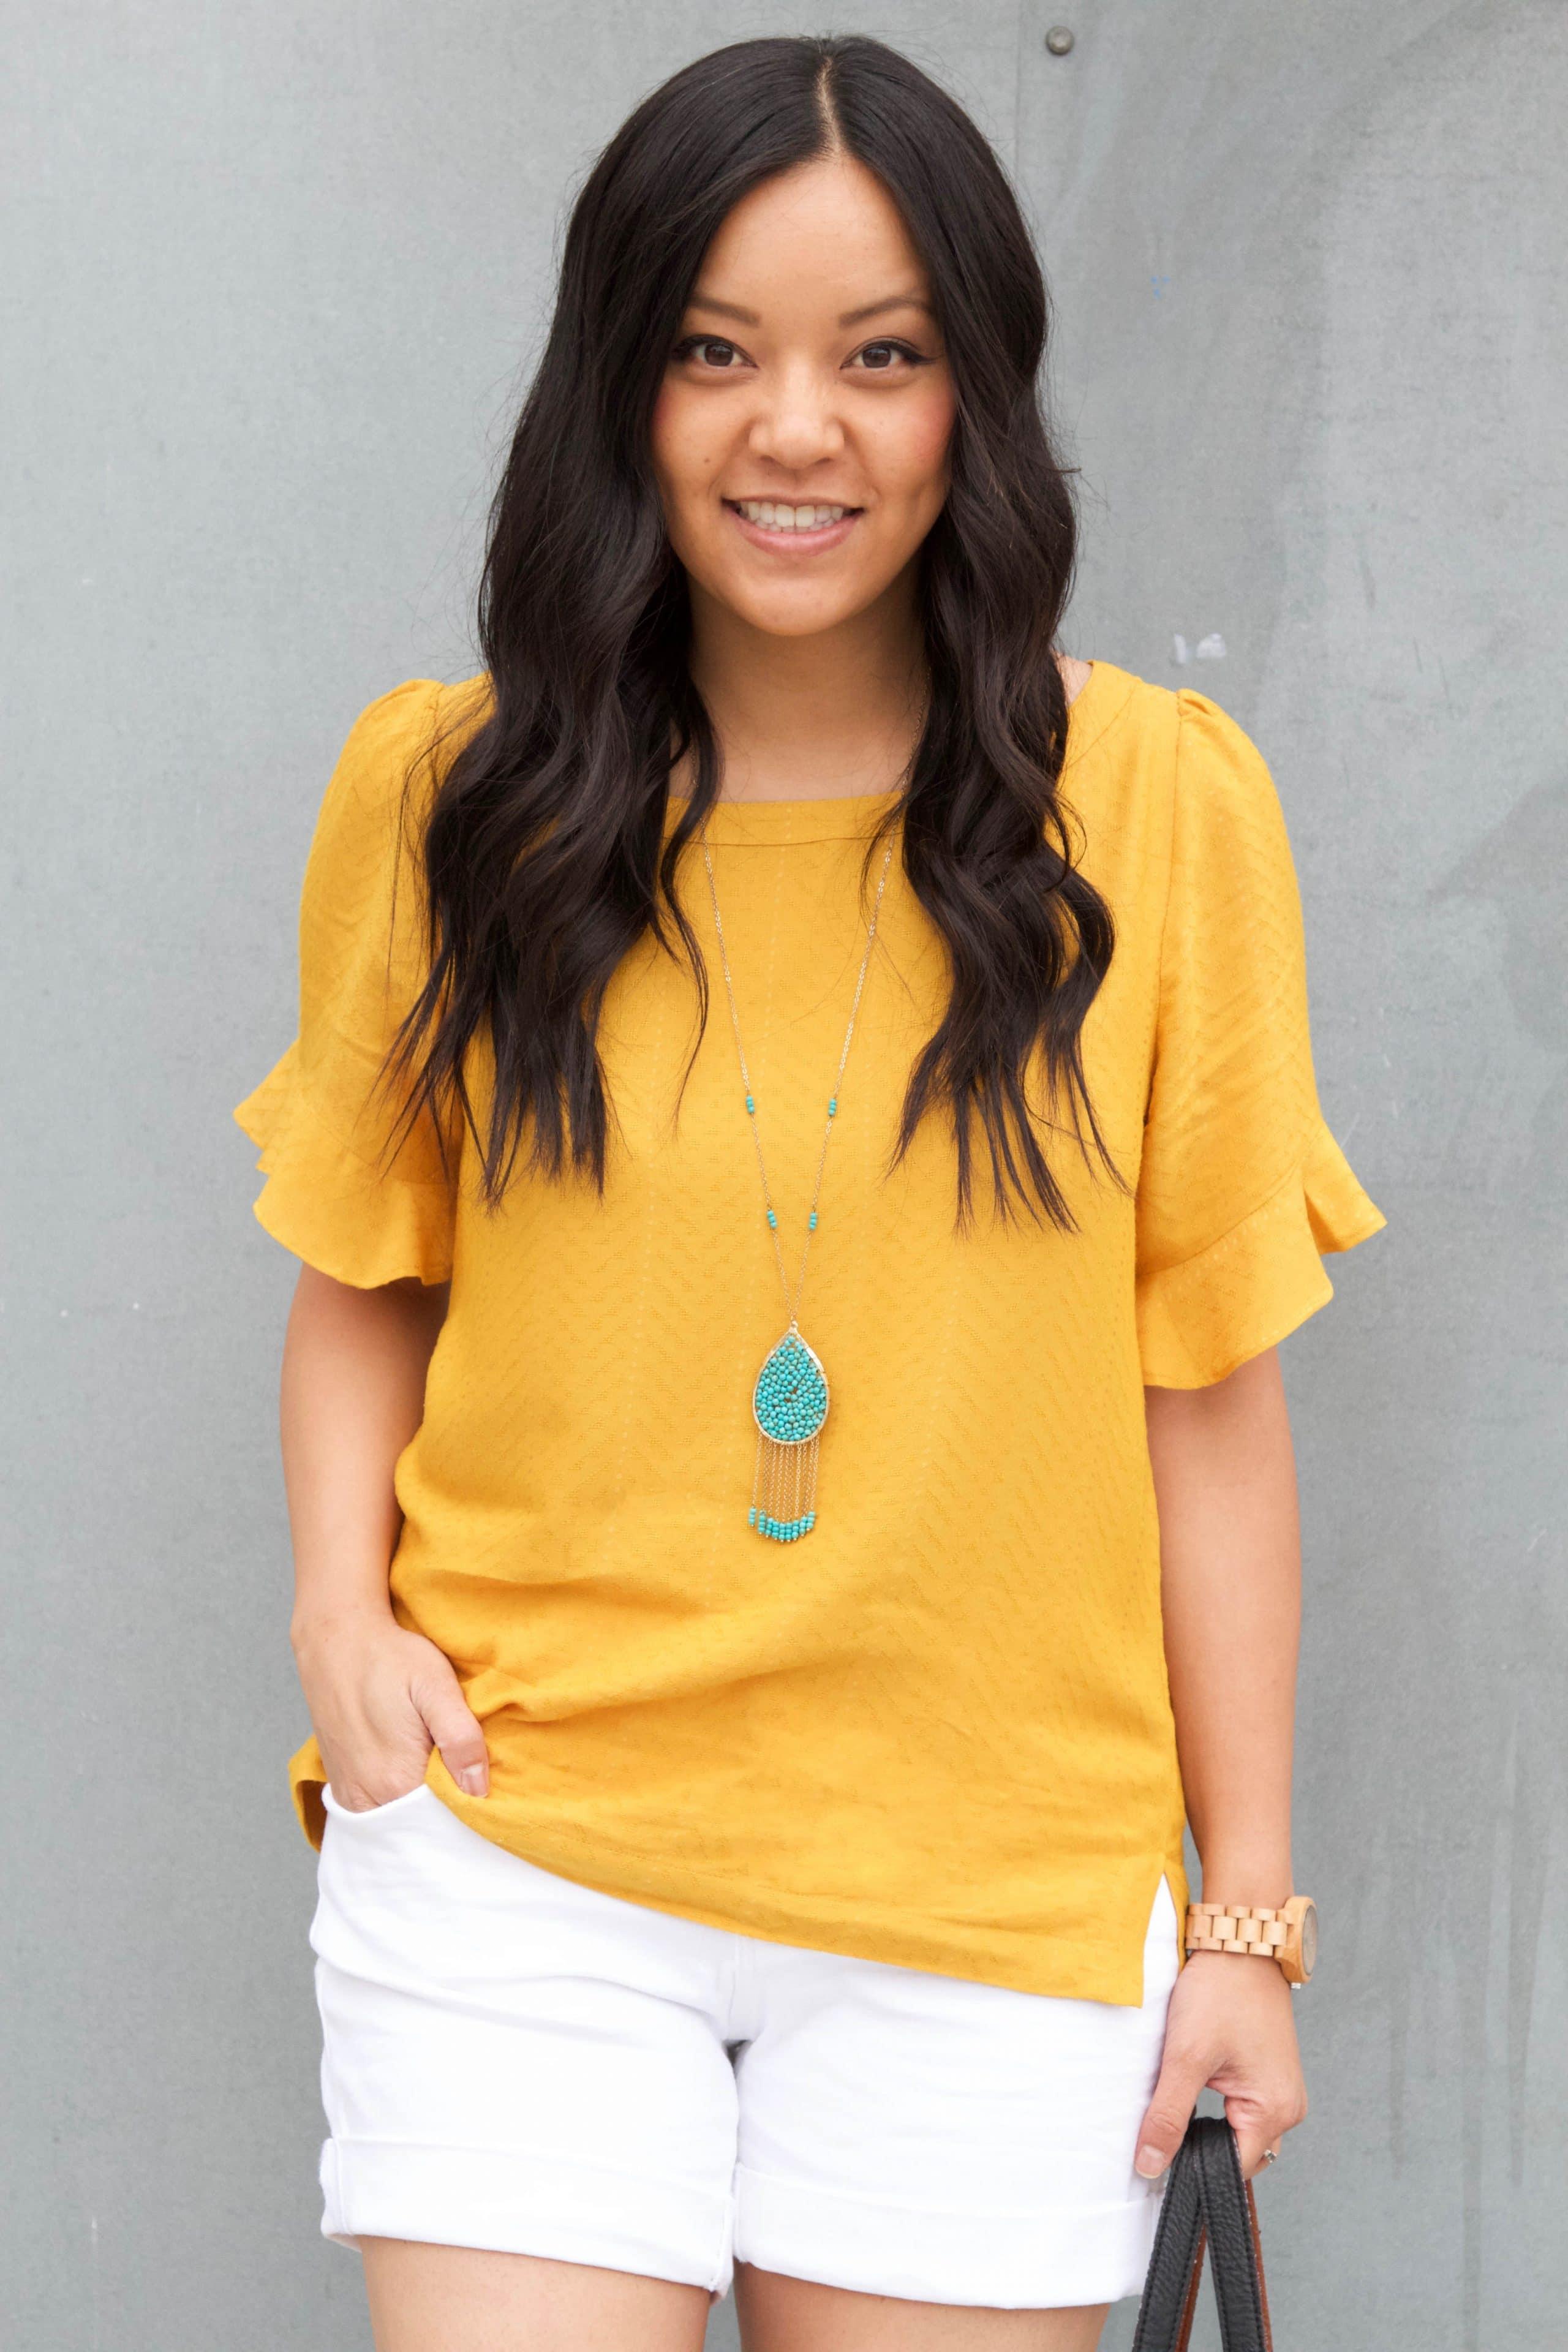 Marigold Blouse + Turquoise Jewelry + White Shorts